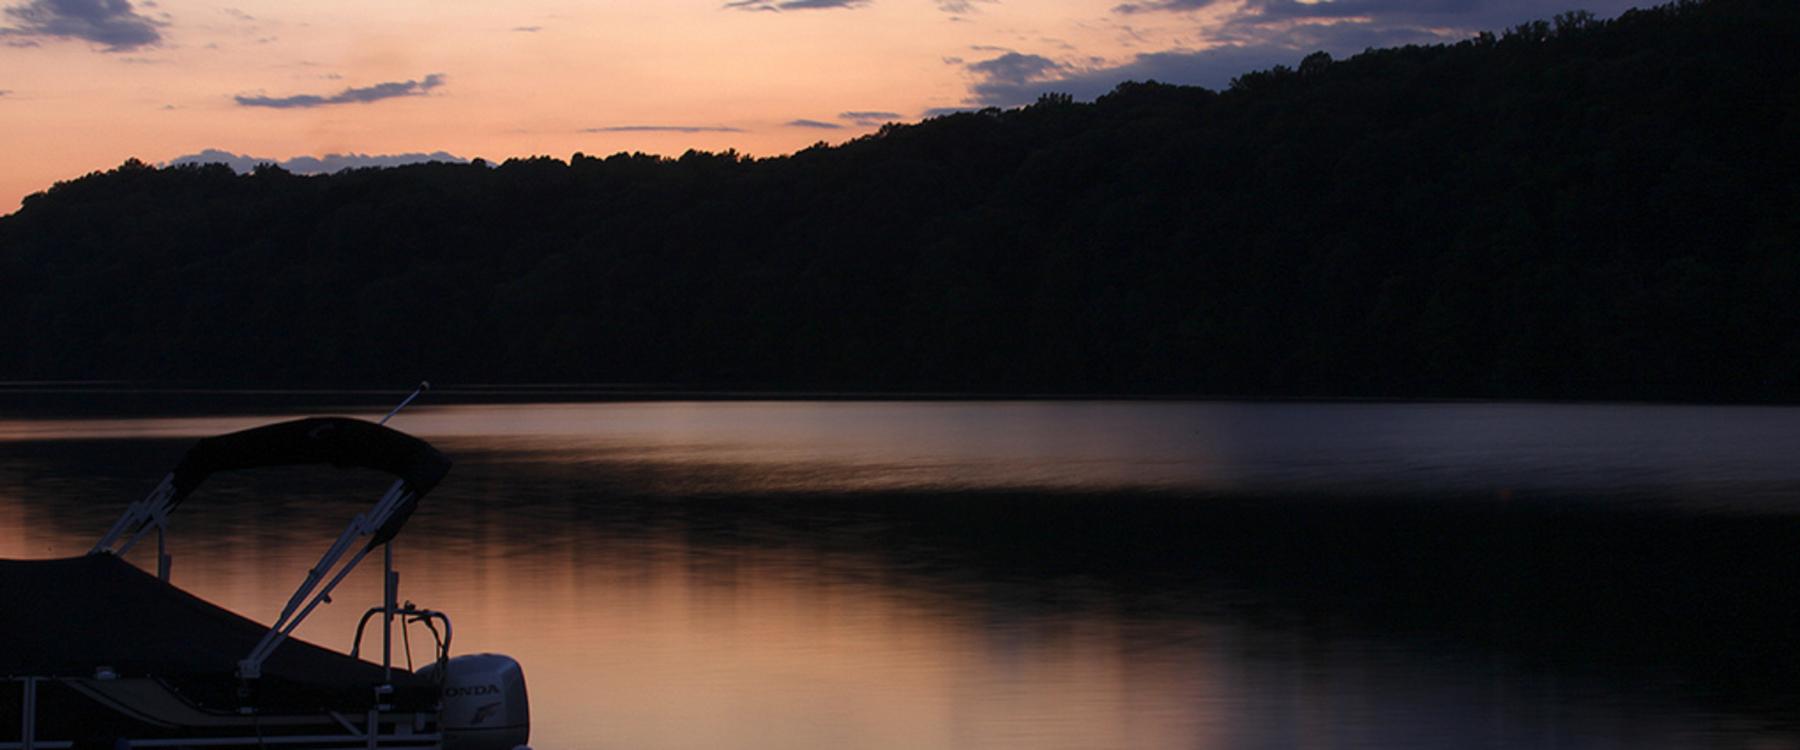 West Virginia shoreline